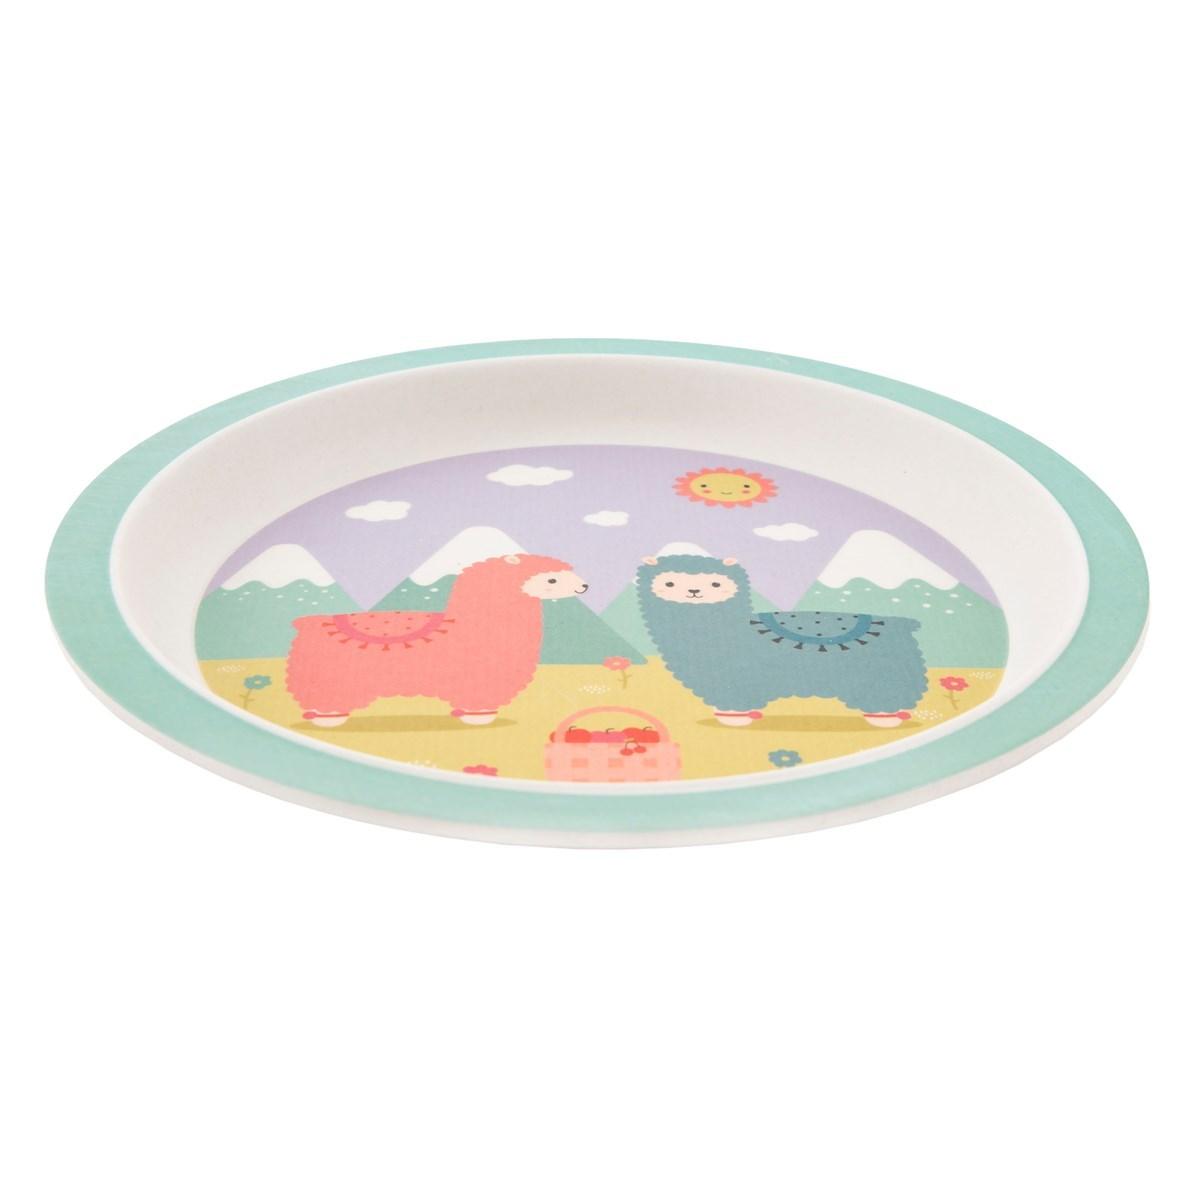 Dětský jídelní SET Little Llama_3